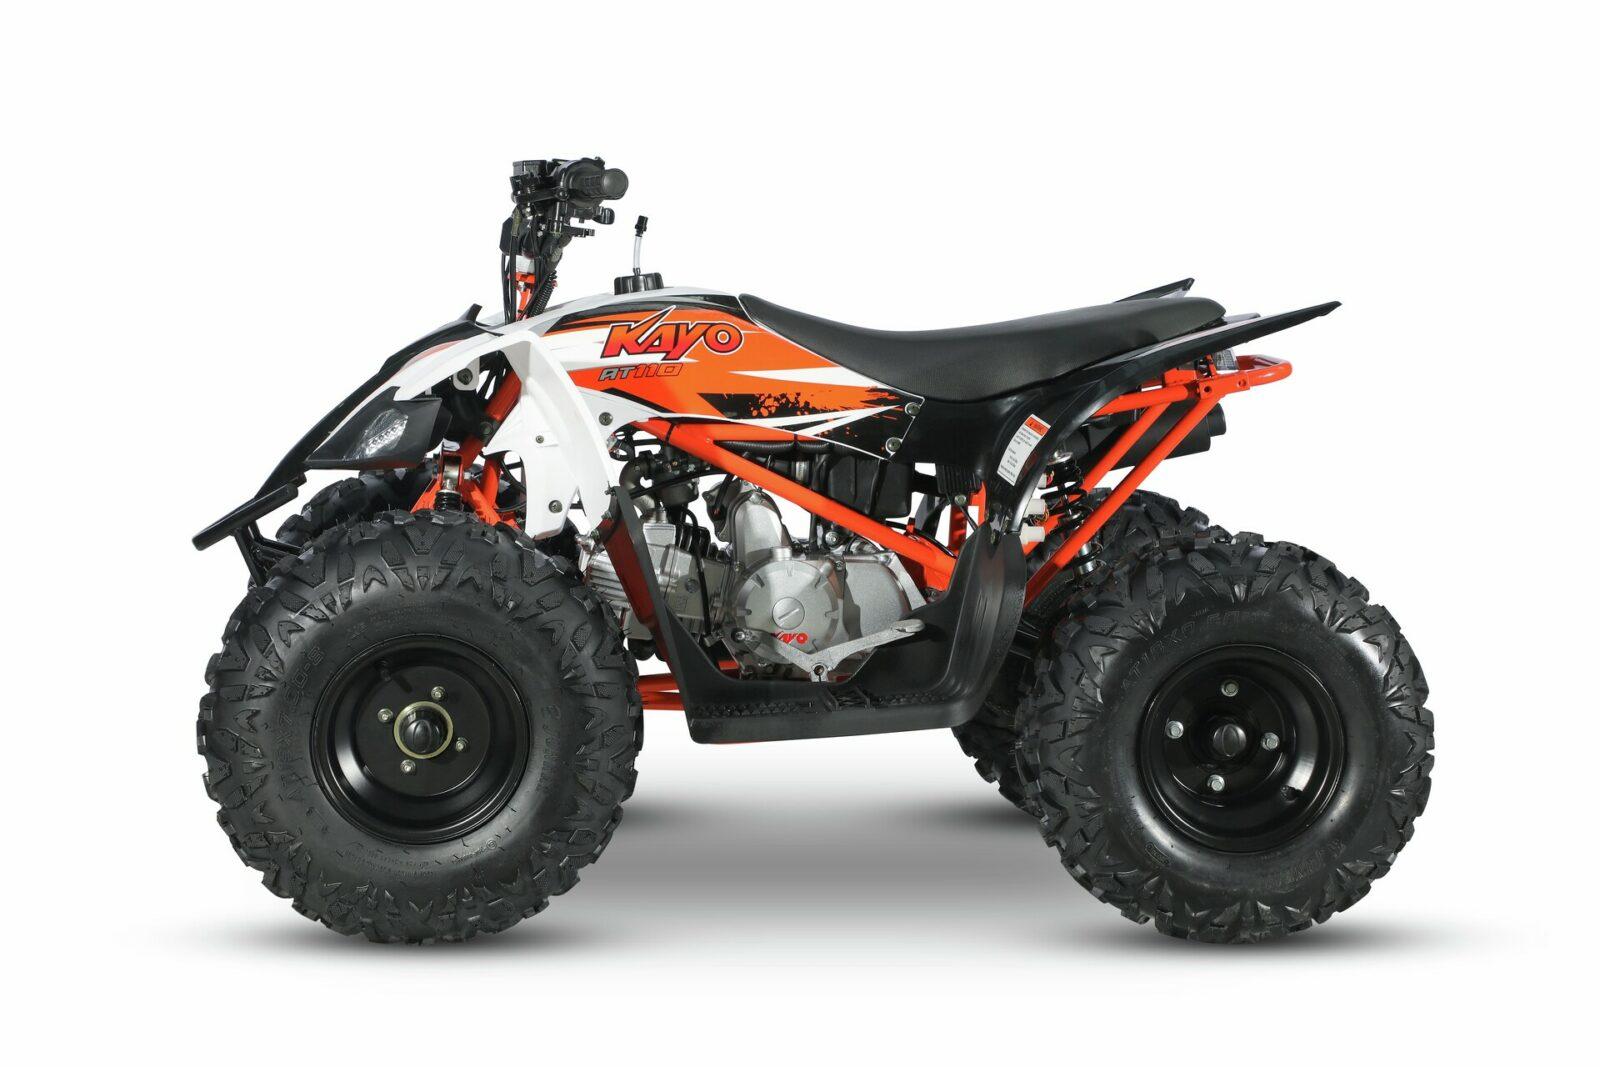 KAYO AT110 ATV 01925 1920